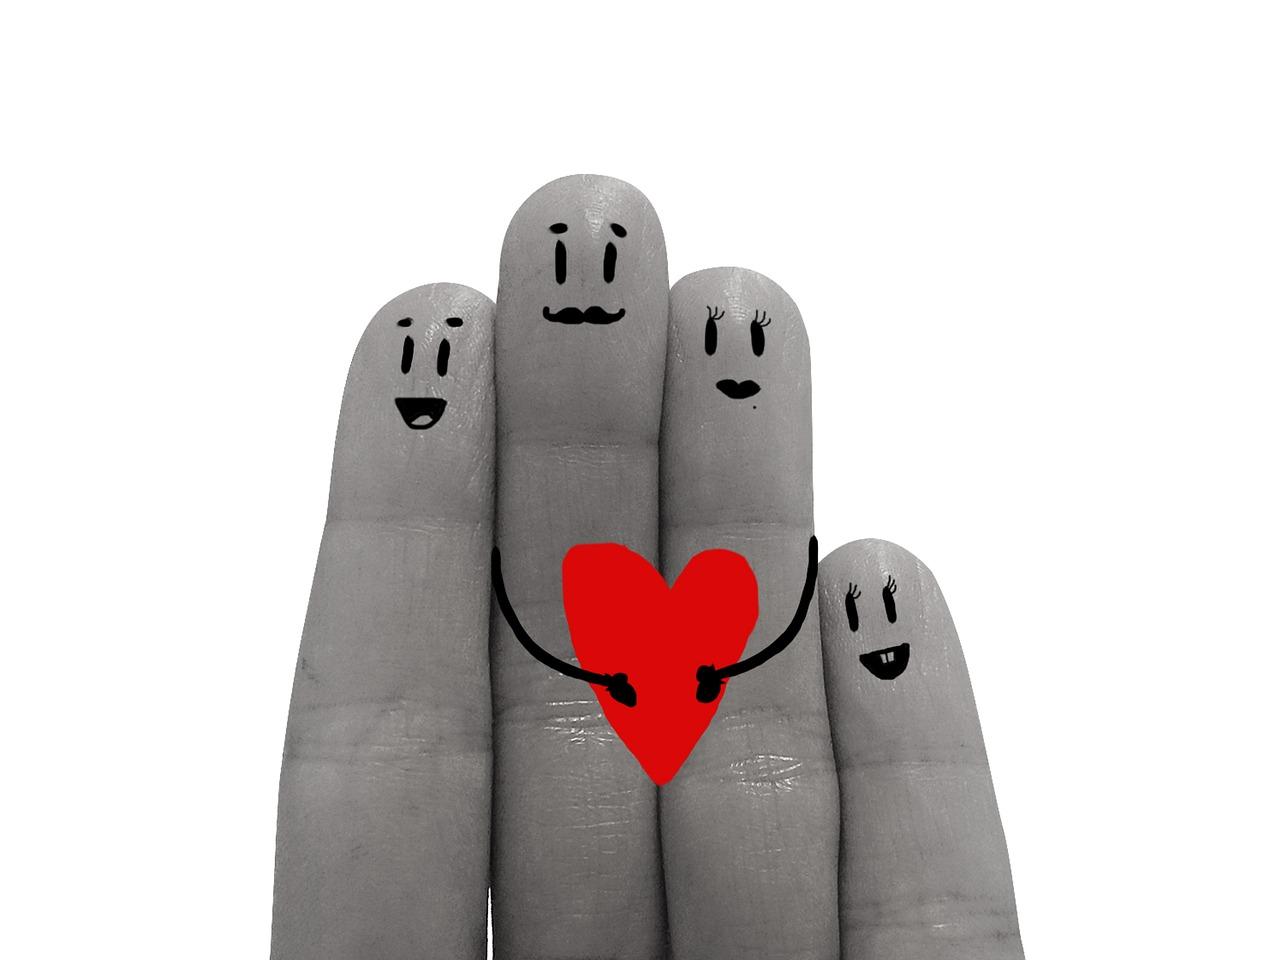 Les membres d'une famille sont affectivement liés comme les doigts de la main.